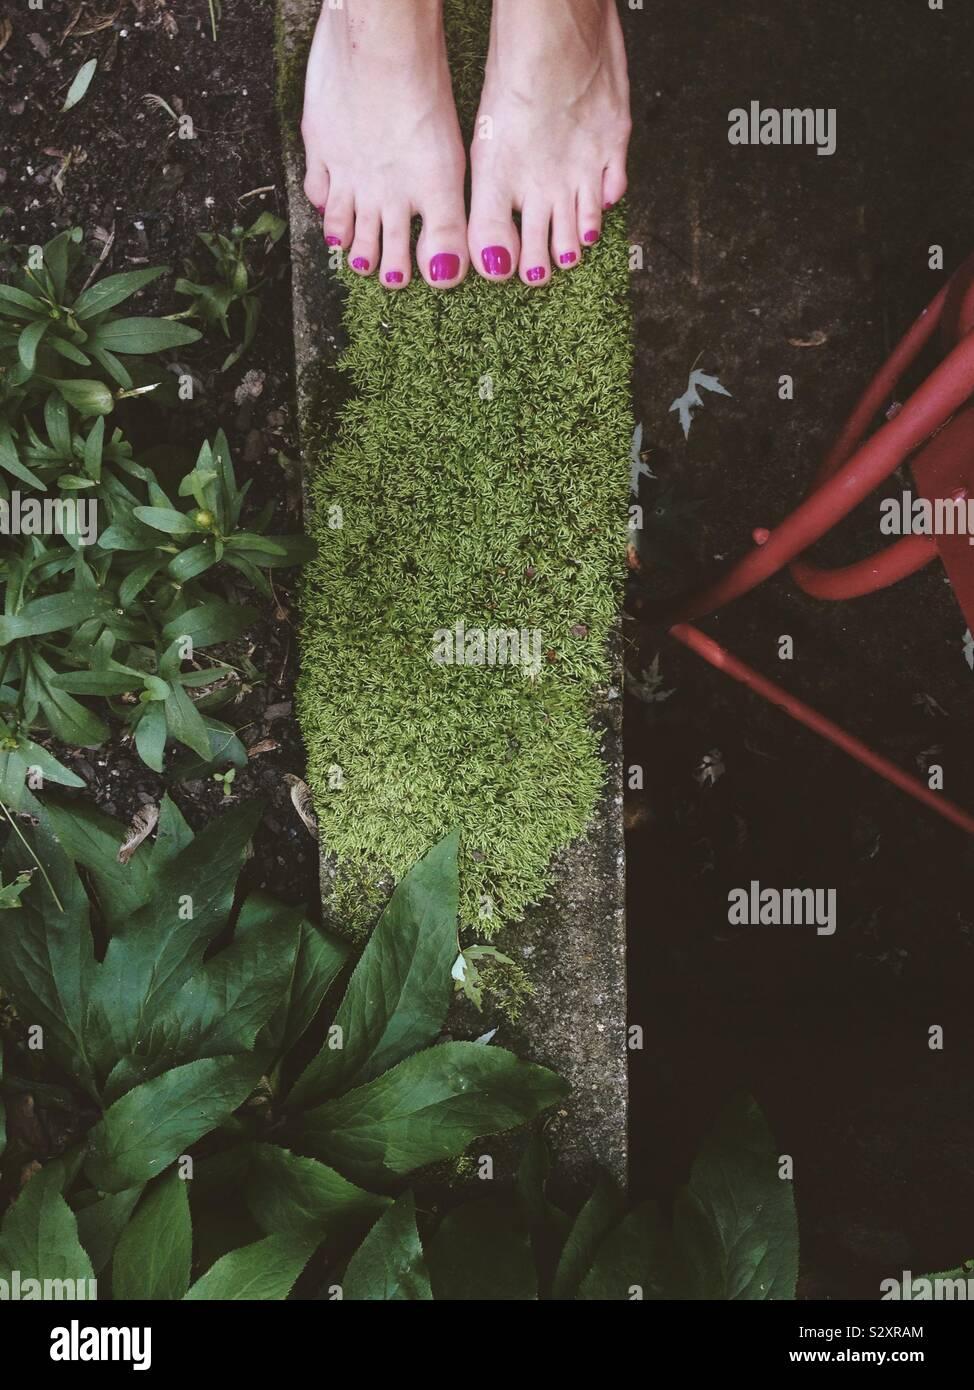 Ragazza in piedi su un mossy cinder blocco divisore in un giardino. Foto Stock